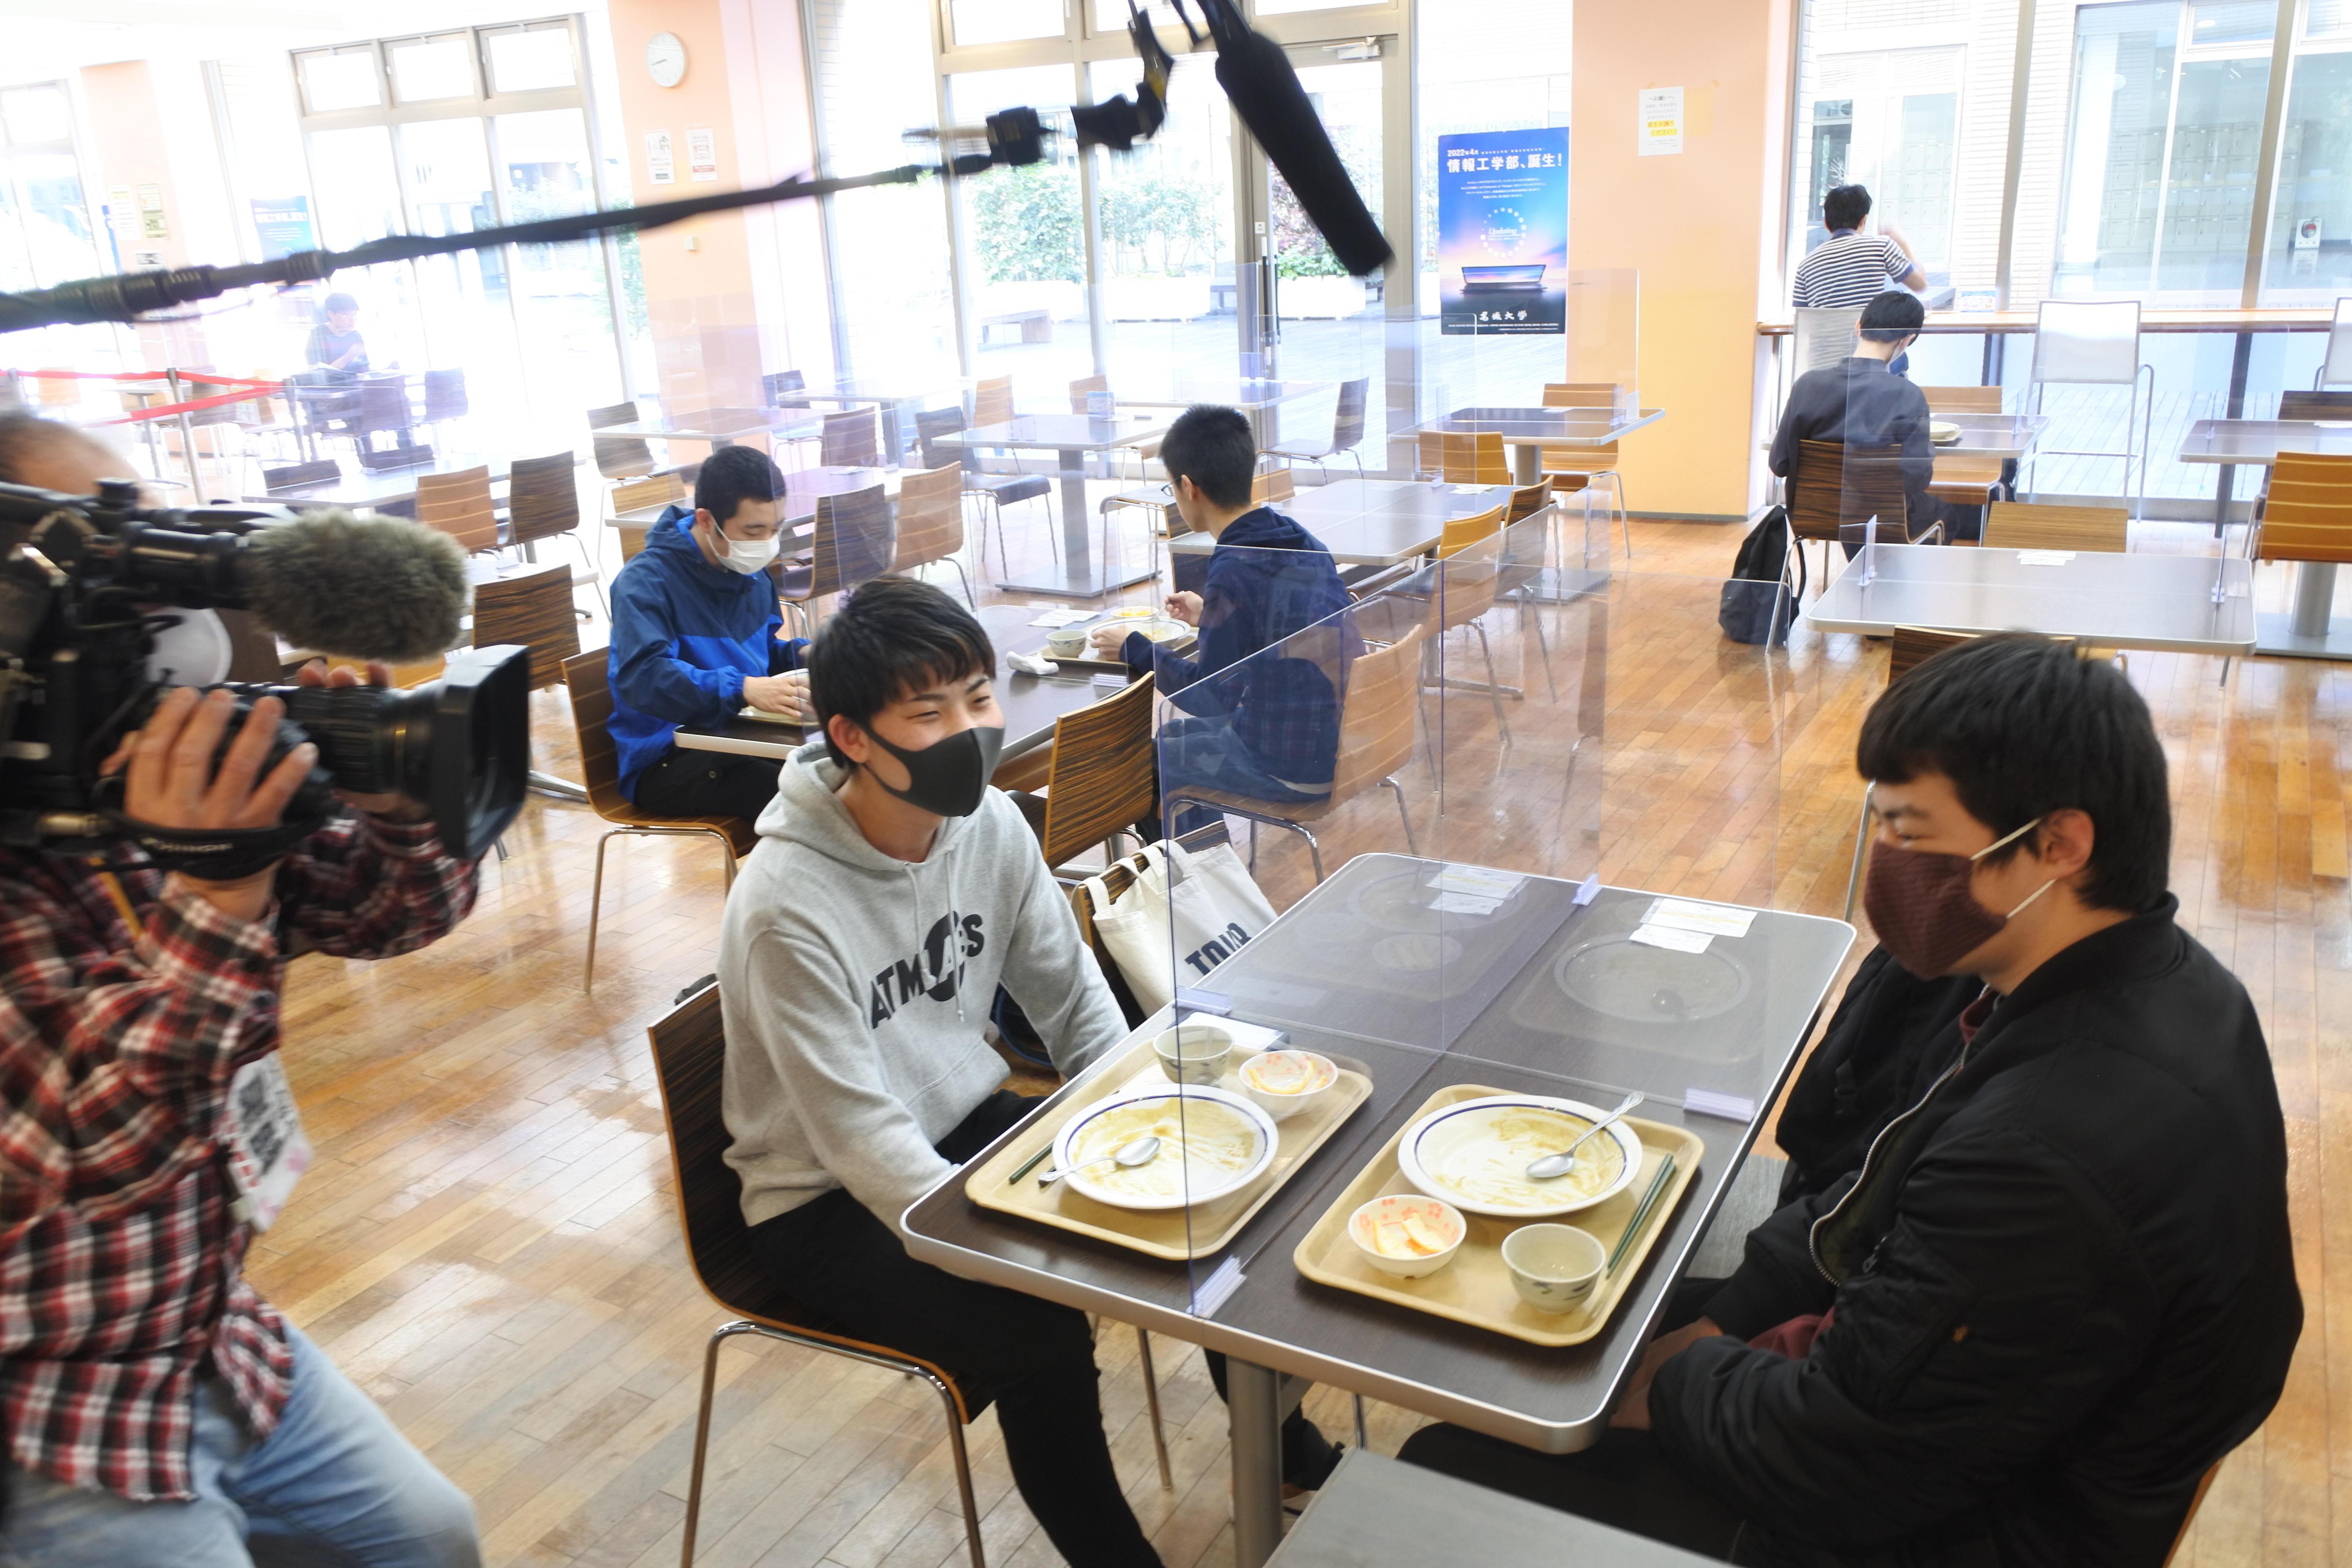 名城食堂でカレーライスの100円朝食を食べた学生たち。テレビの取材が入った